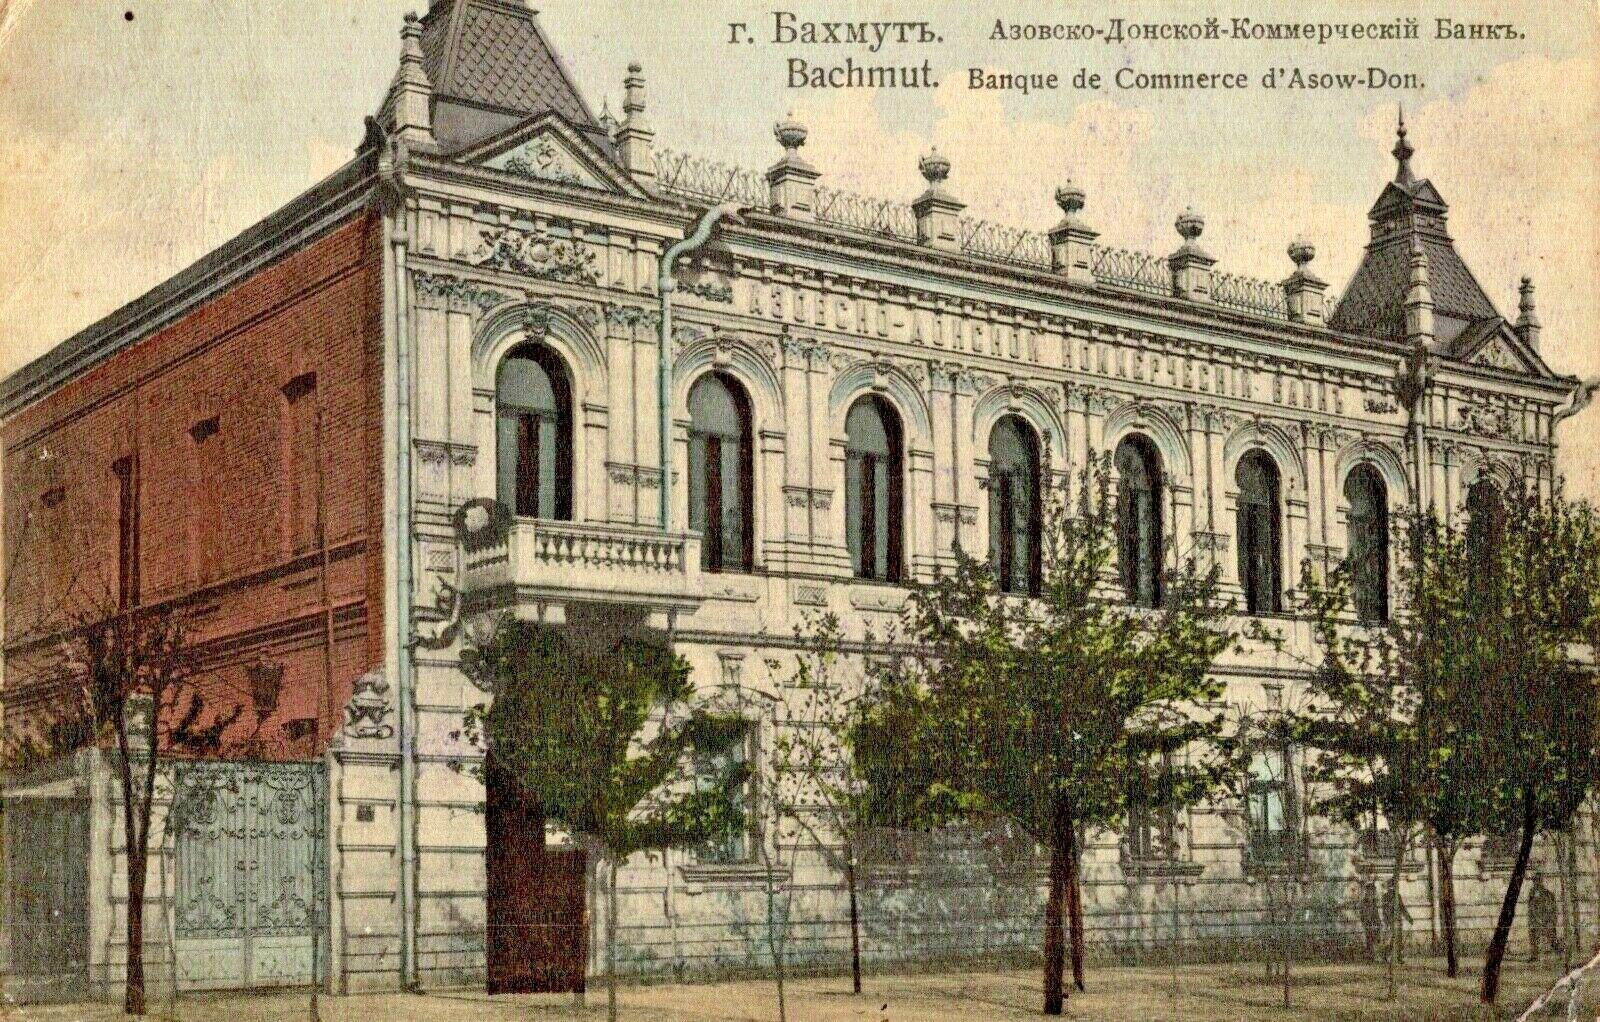 Здание Азовско-Донского коммерческого банка в Бахмуте